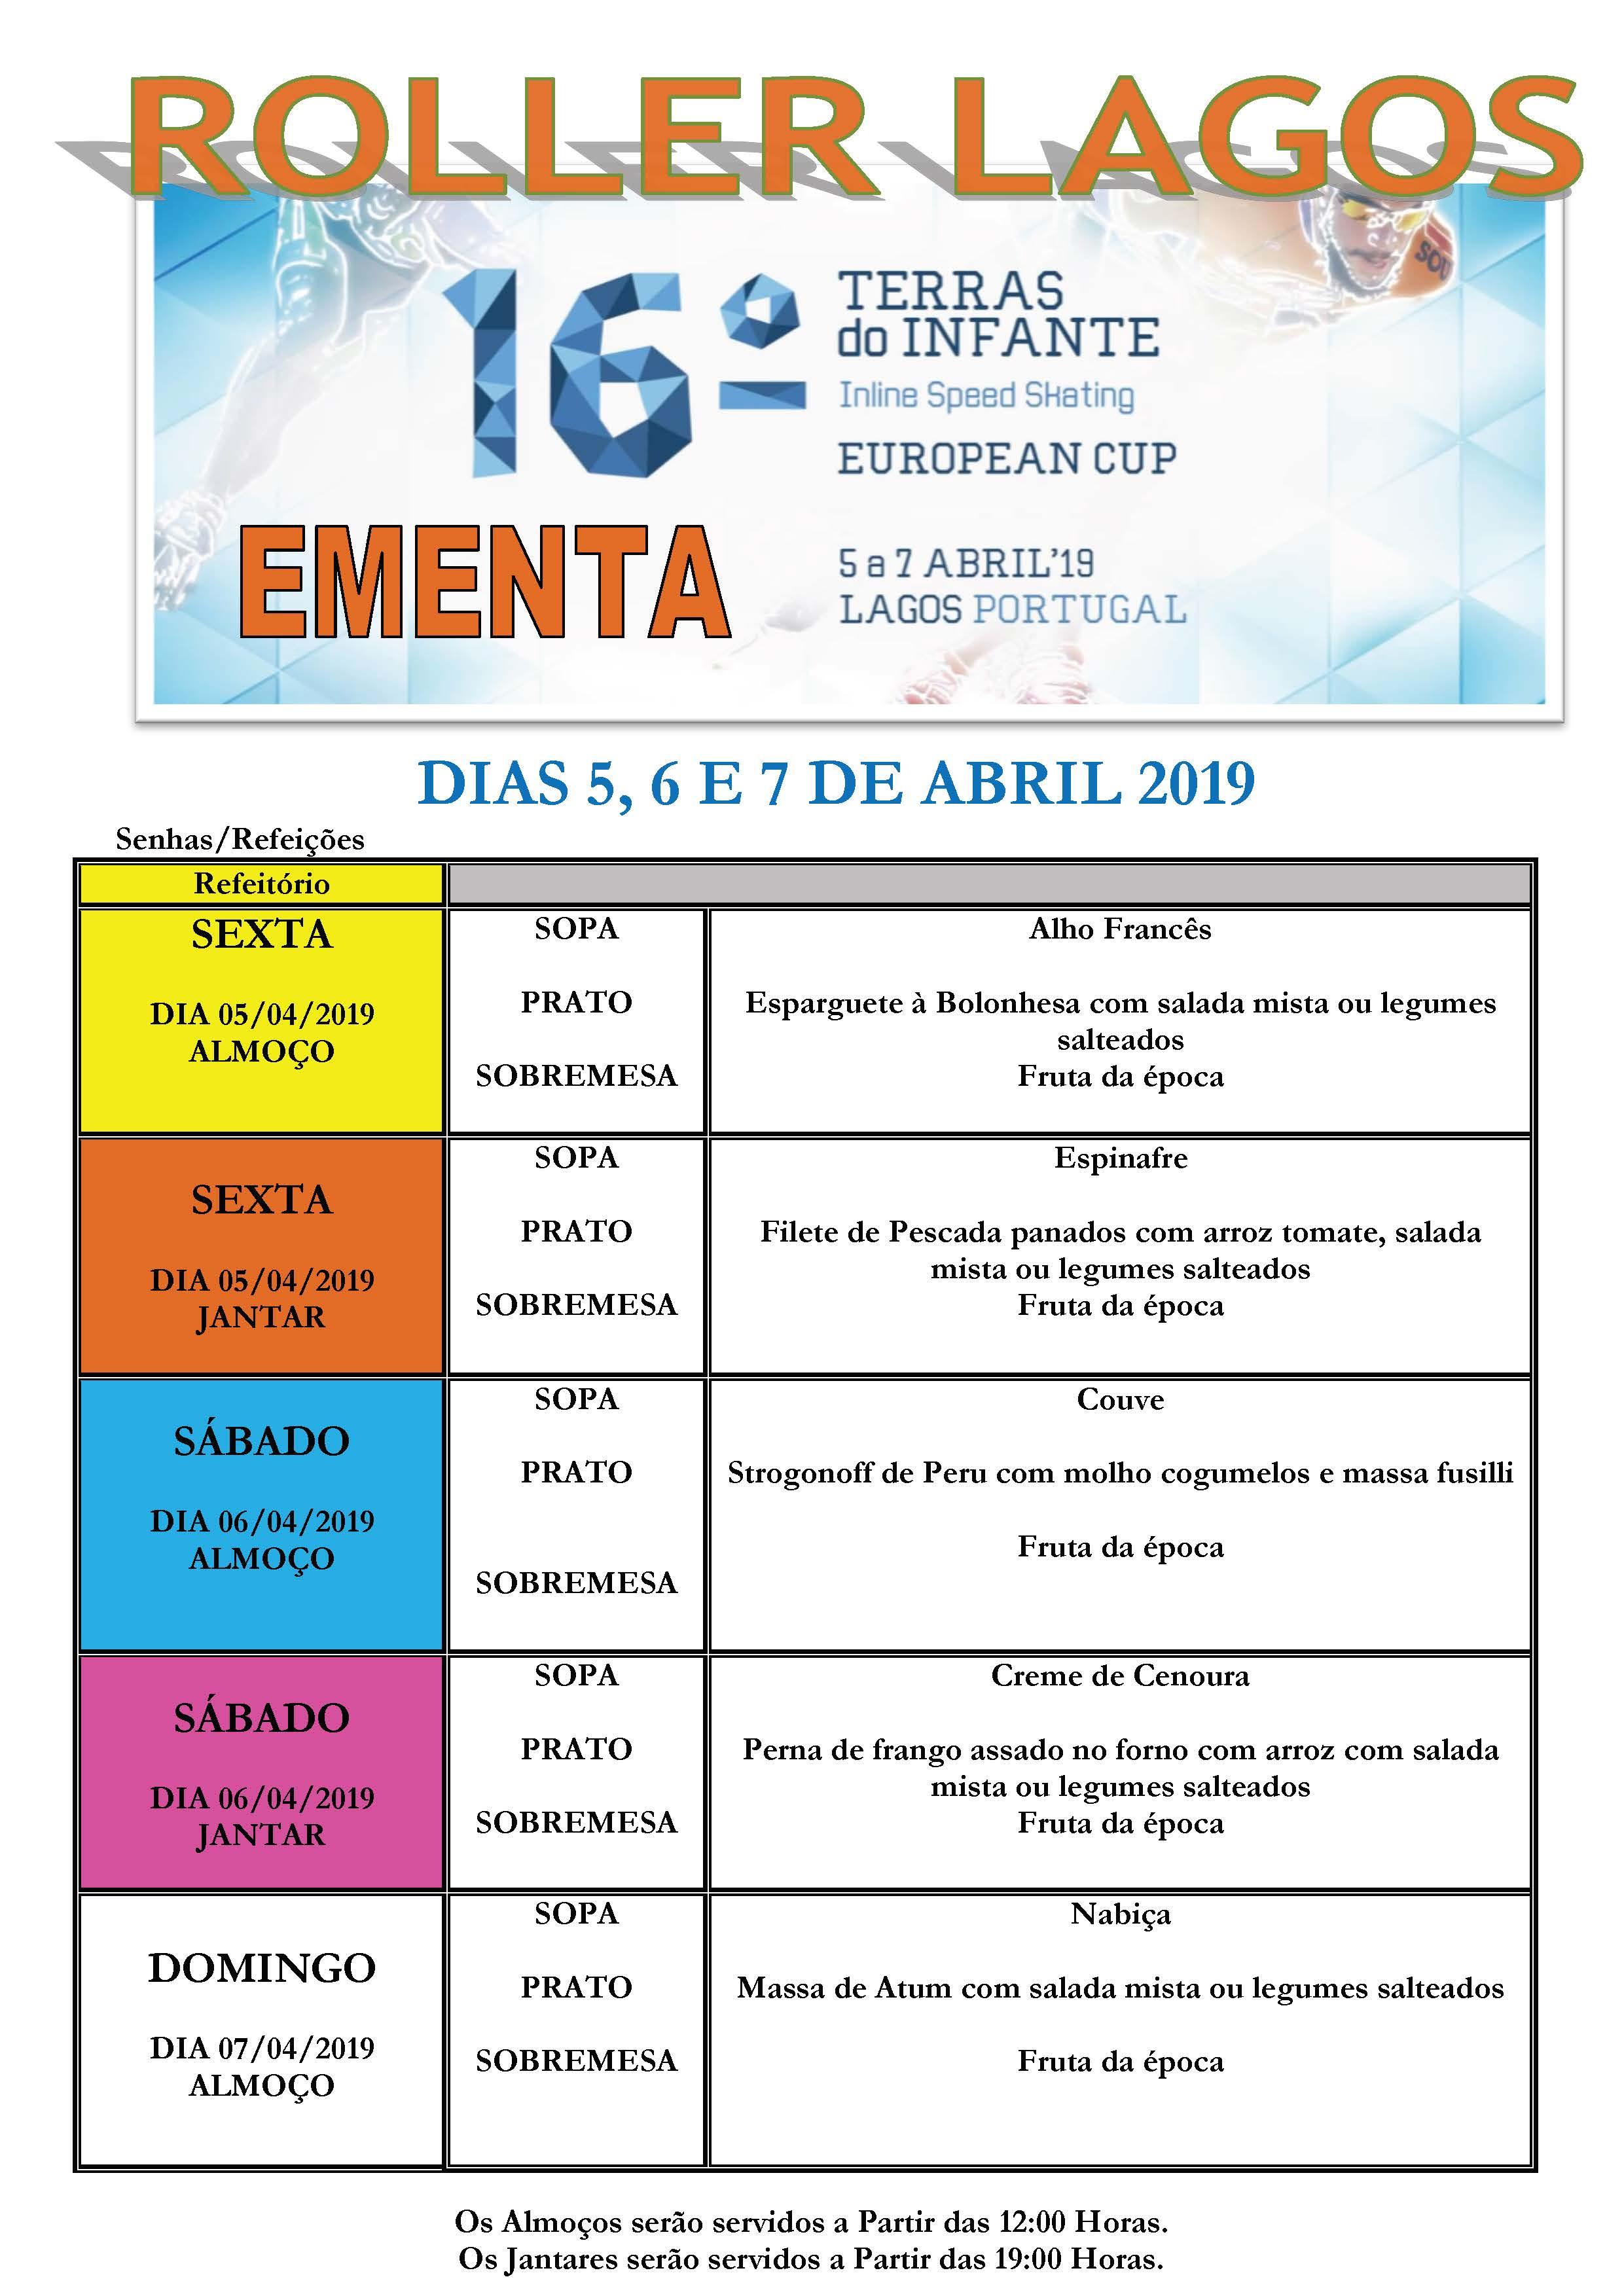 ementa para os dias do torneio terras do infante Ementa para os dias do Torneio Terras do Infante EMENTA TORNEIO TERRAS DO INFANTE 2019